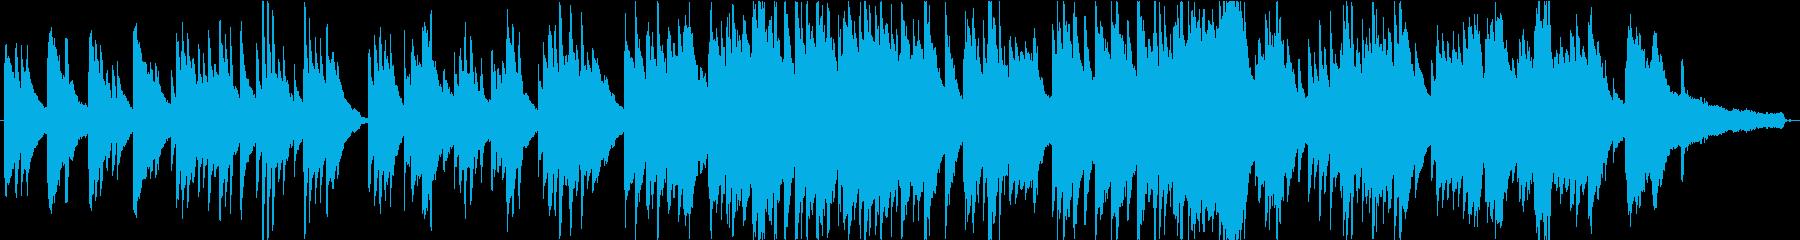 ピアノの綺麗な高音と旋律が特徴のピアノ曲の再生済みの波形